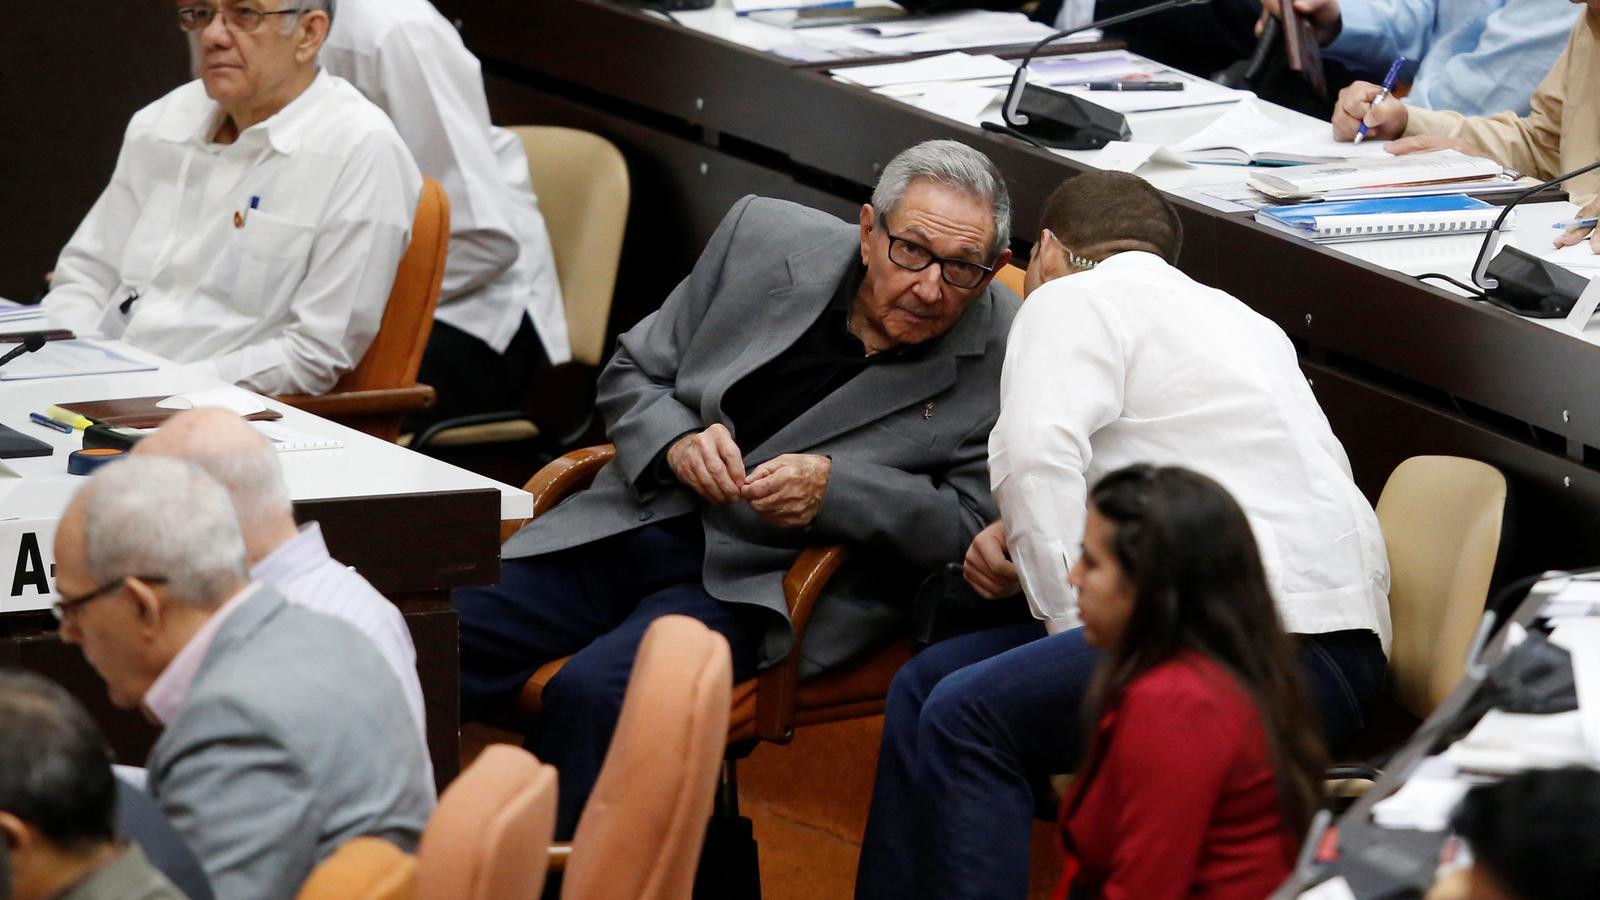 L'expresident cubà Raúl Castro durant la sessió parlamentària que va aprovar el text definitiu de la nova Constitució / REUTERS